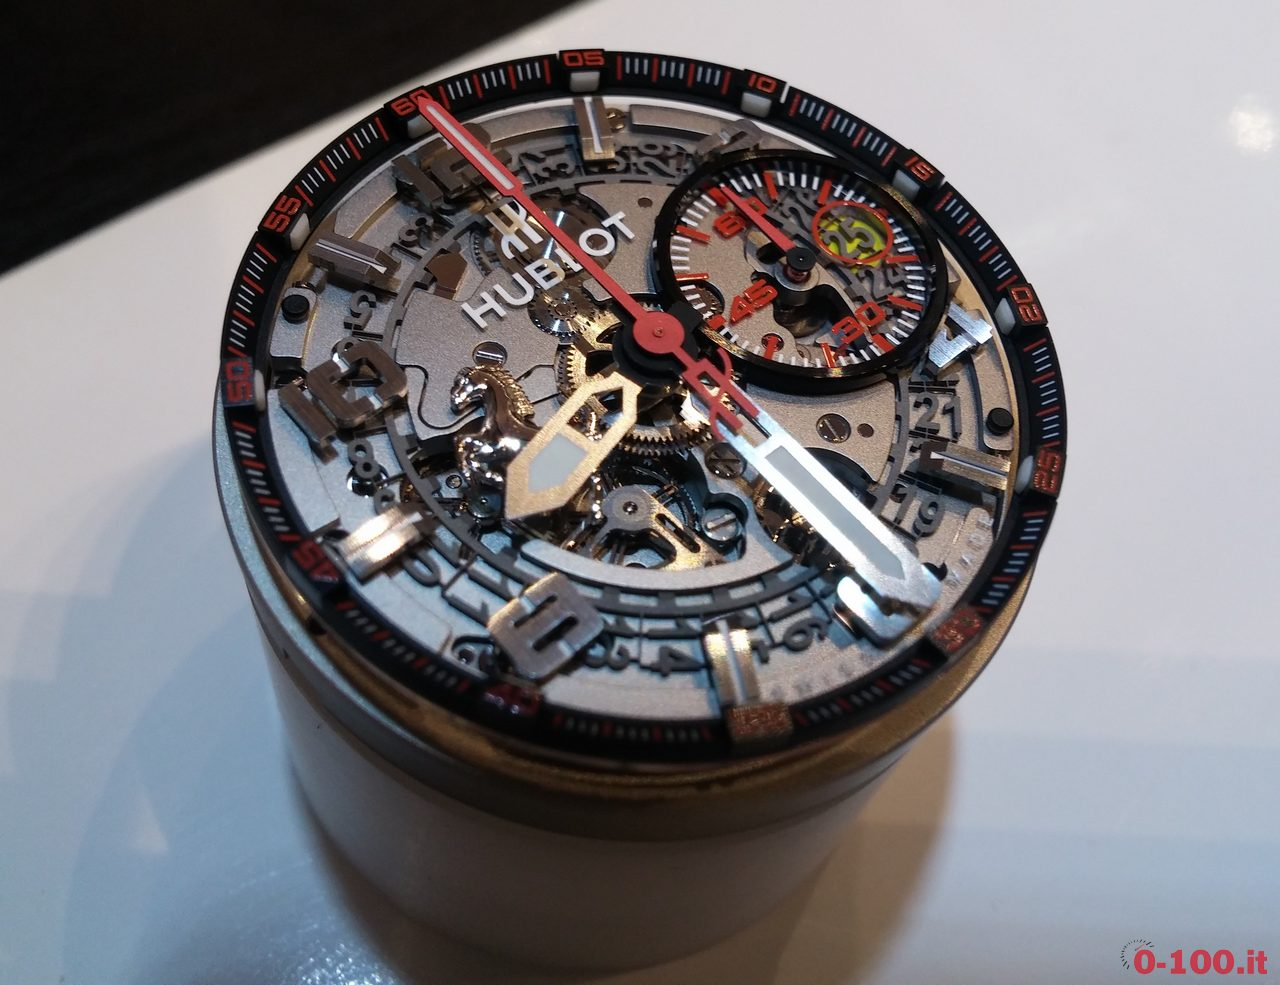 hublot-big-bang-ferrari-titanio-limited-edition-ref-402-nx-0123-wr-prezzo-price_0-1007